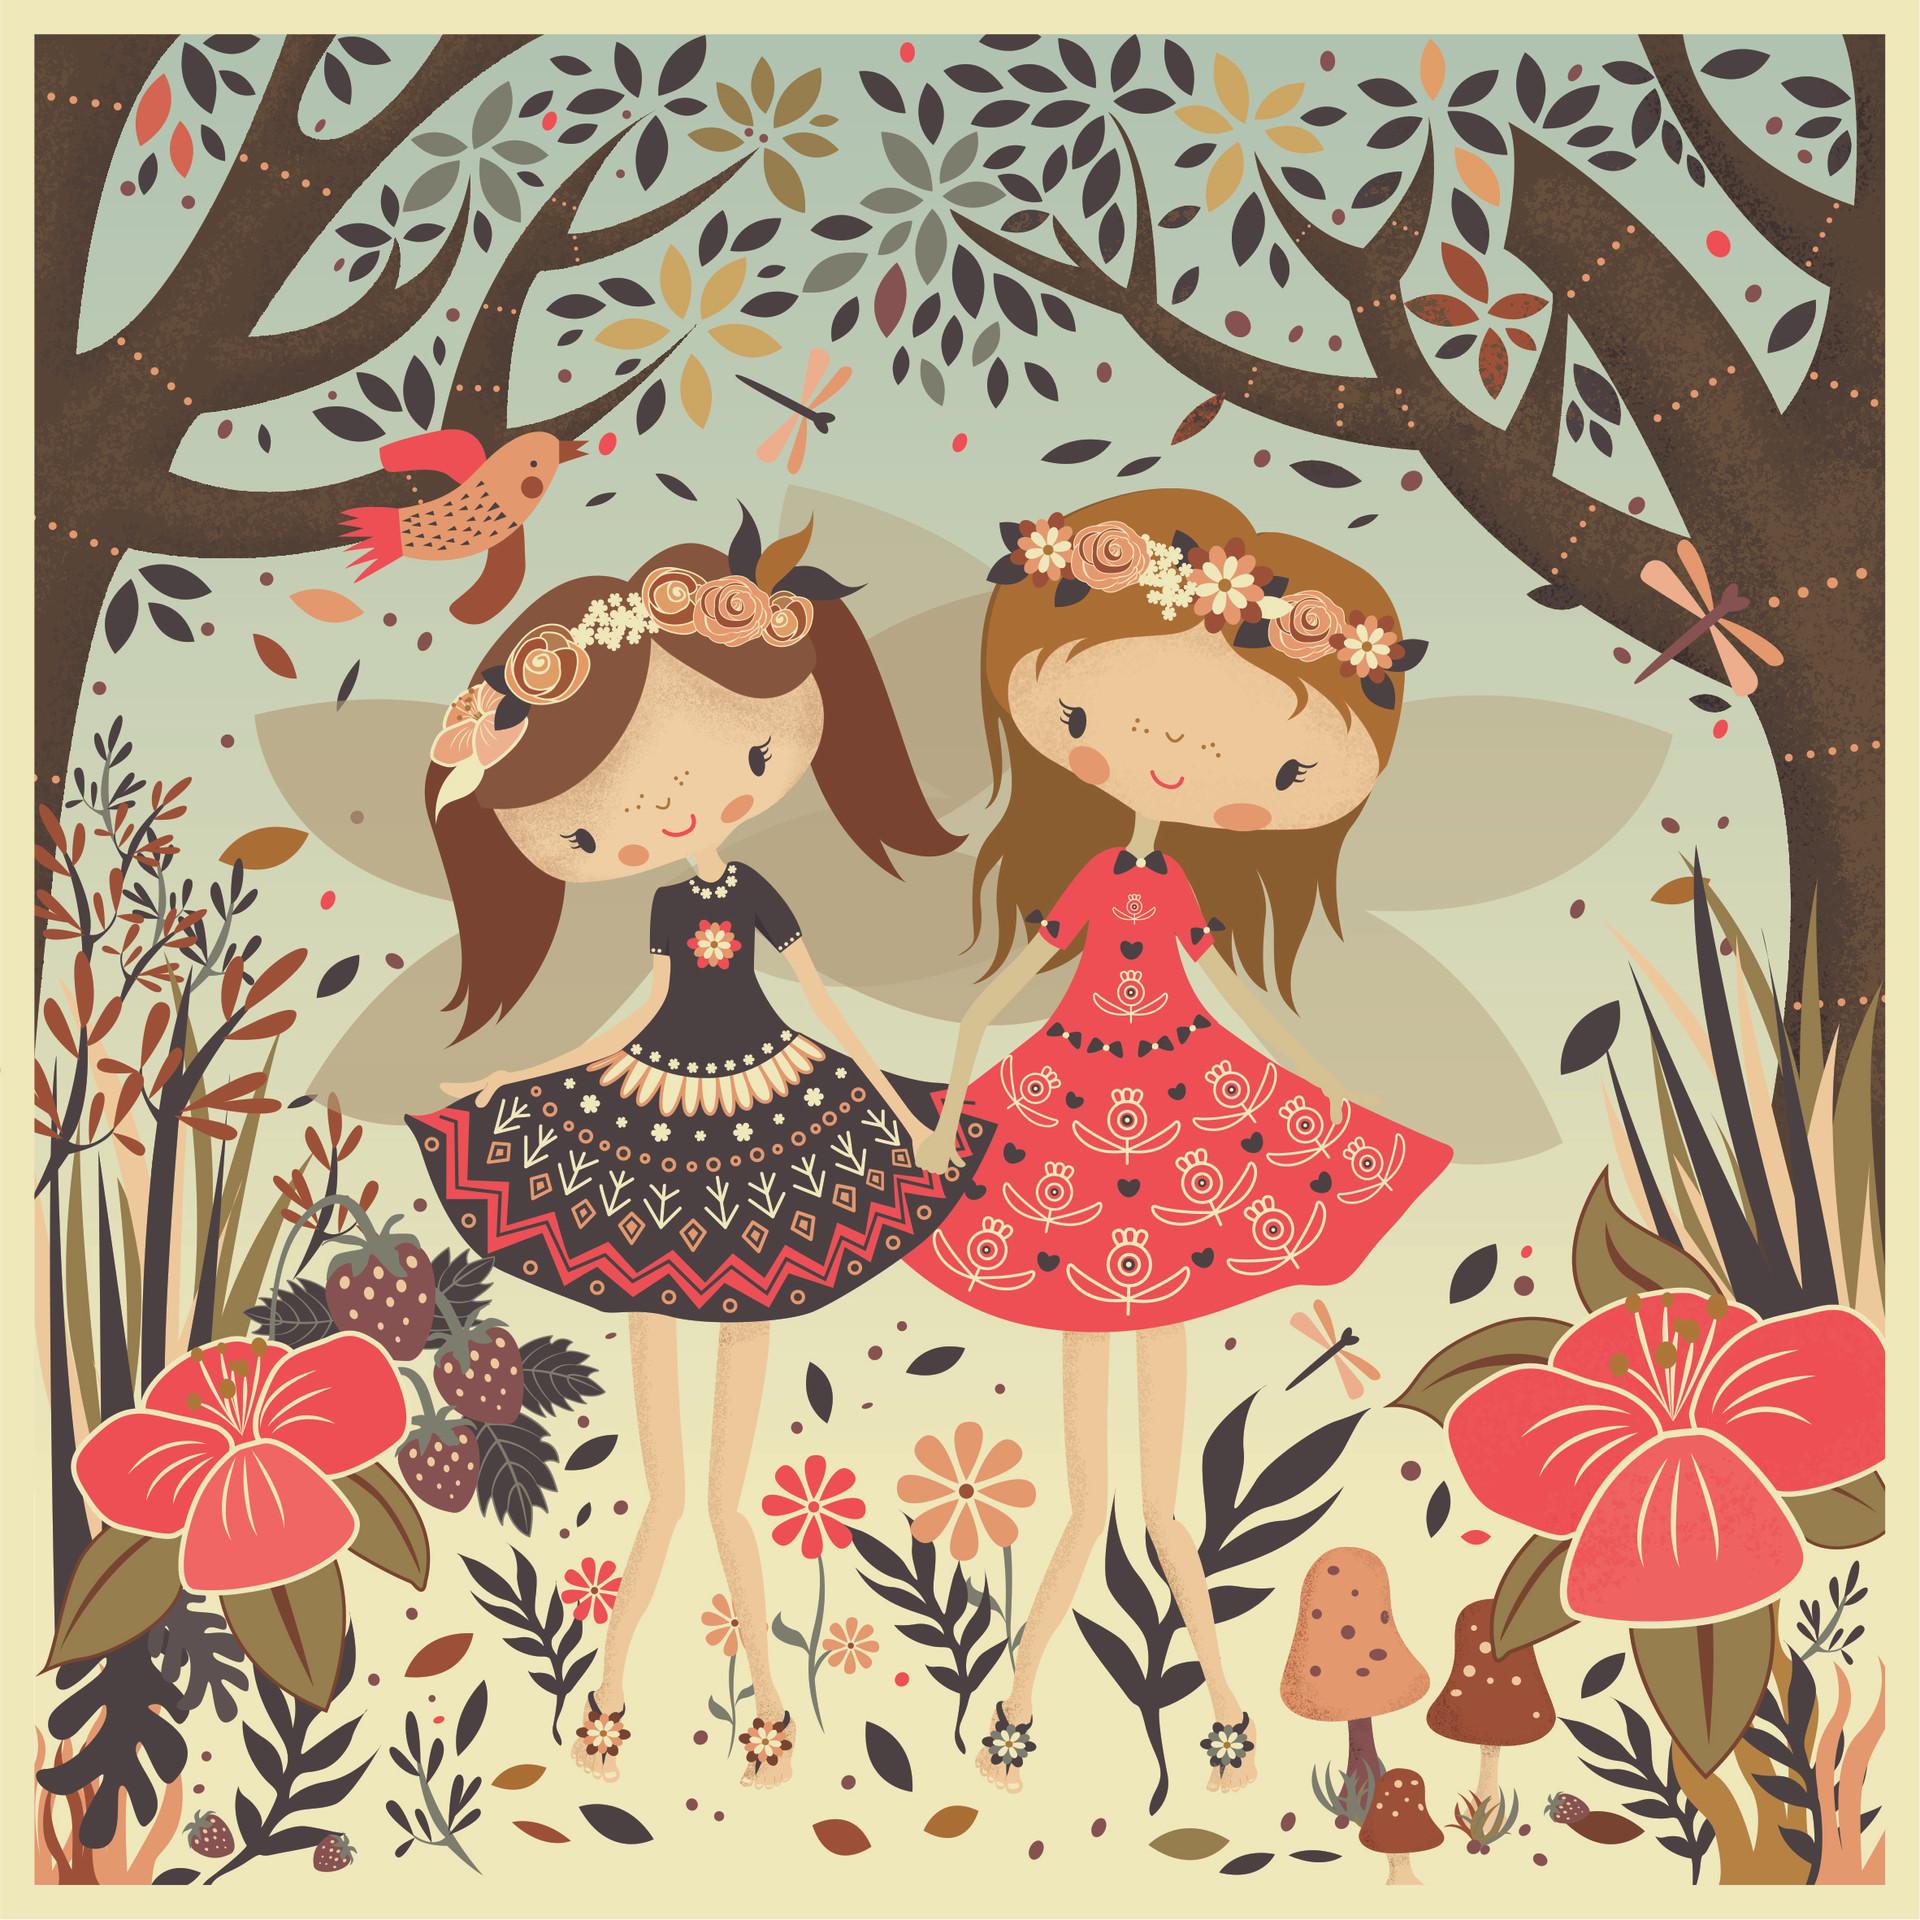 Final Fairy Illustration